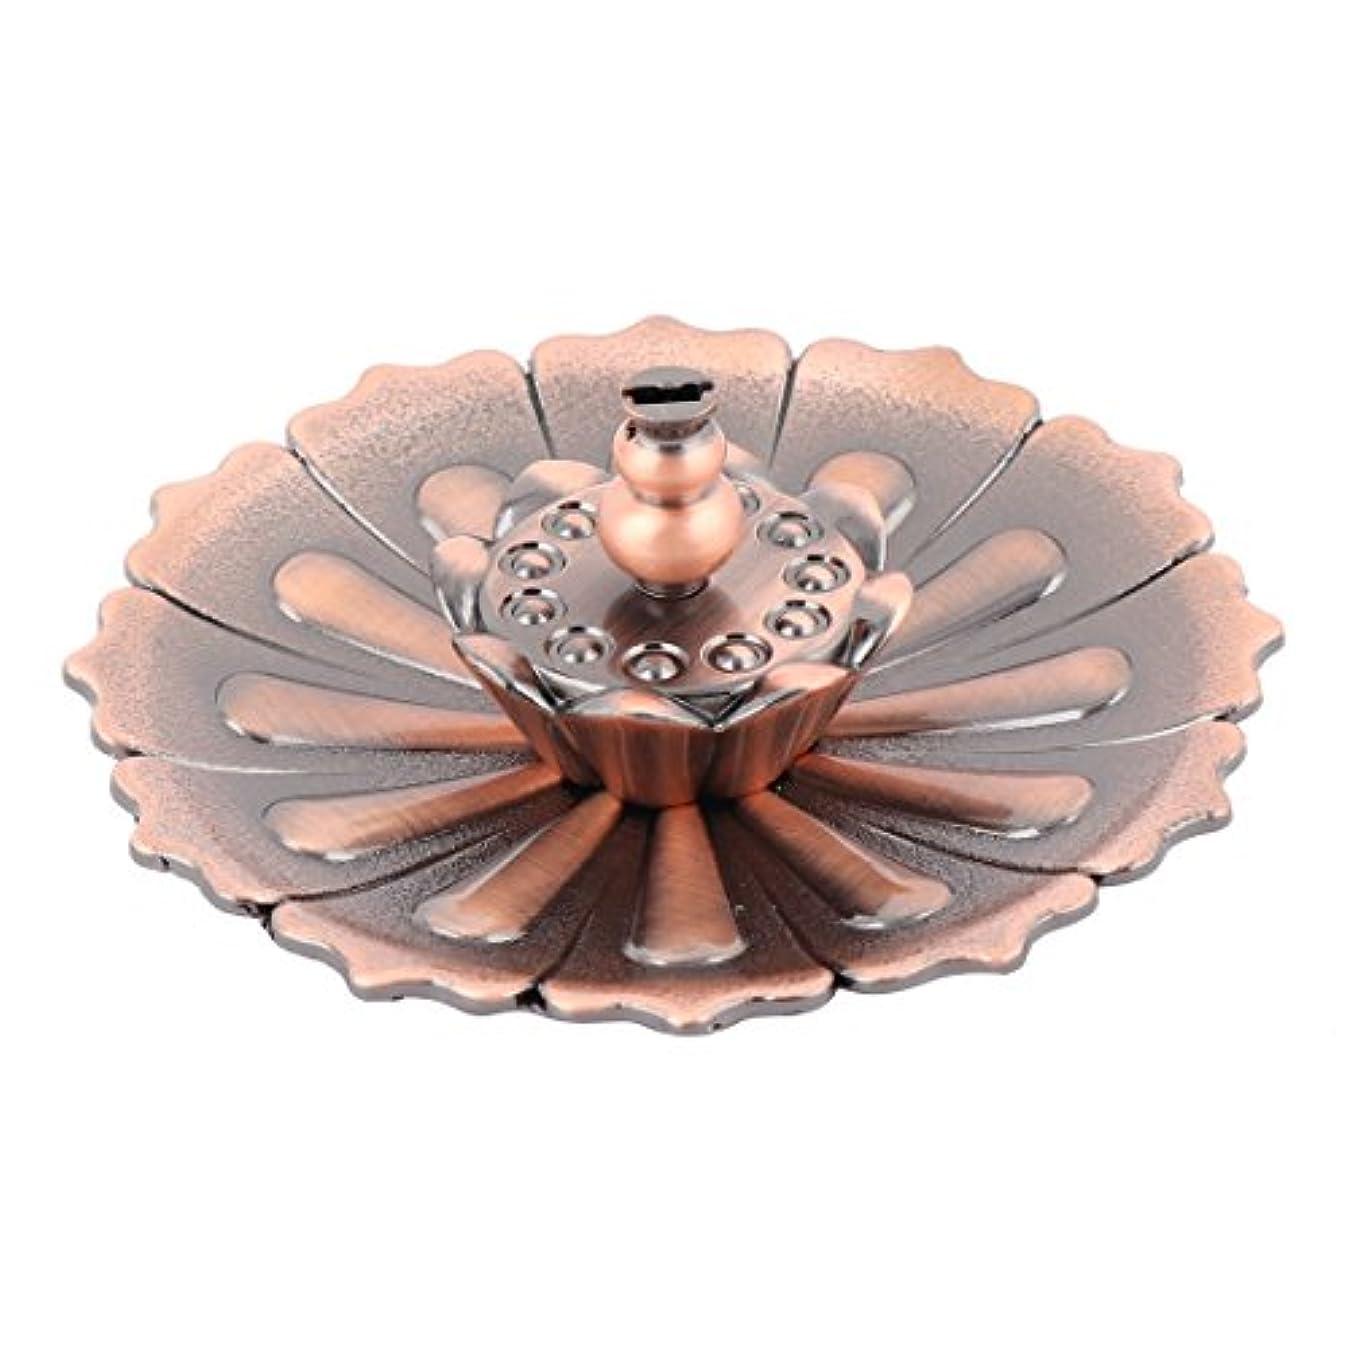 フォーマルメタリック統合するuxcell 香炉ホルダー お香立て インセンスホルダー 蓮 ロータス 花型 セット 金属製 家庭用 直径10cm